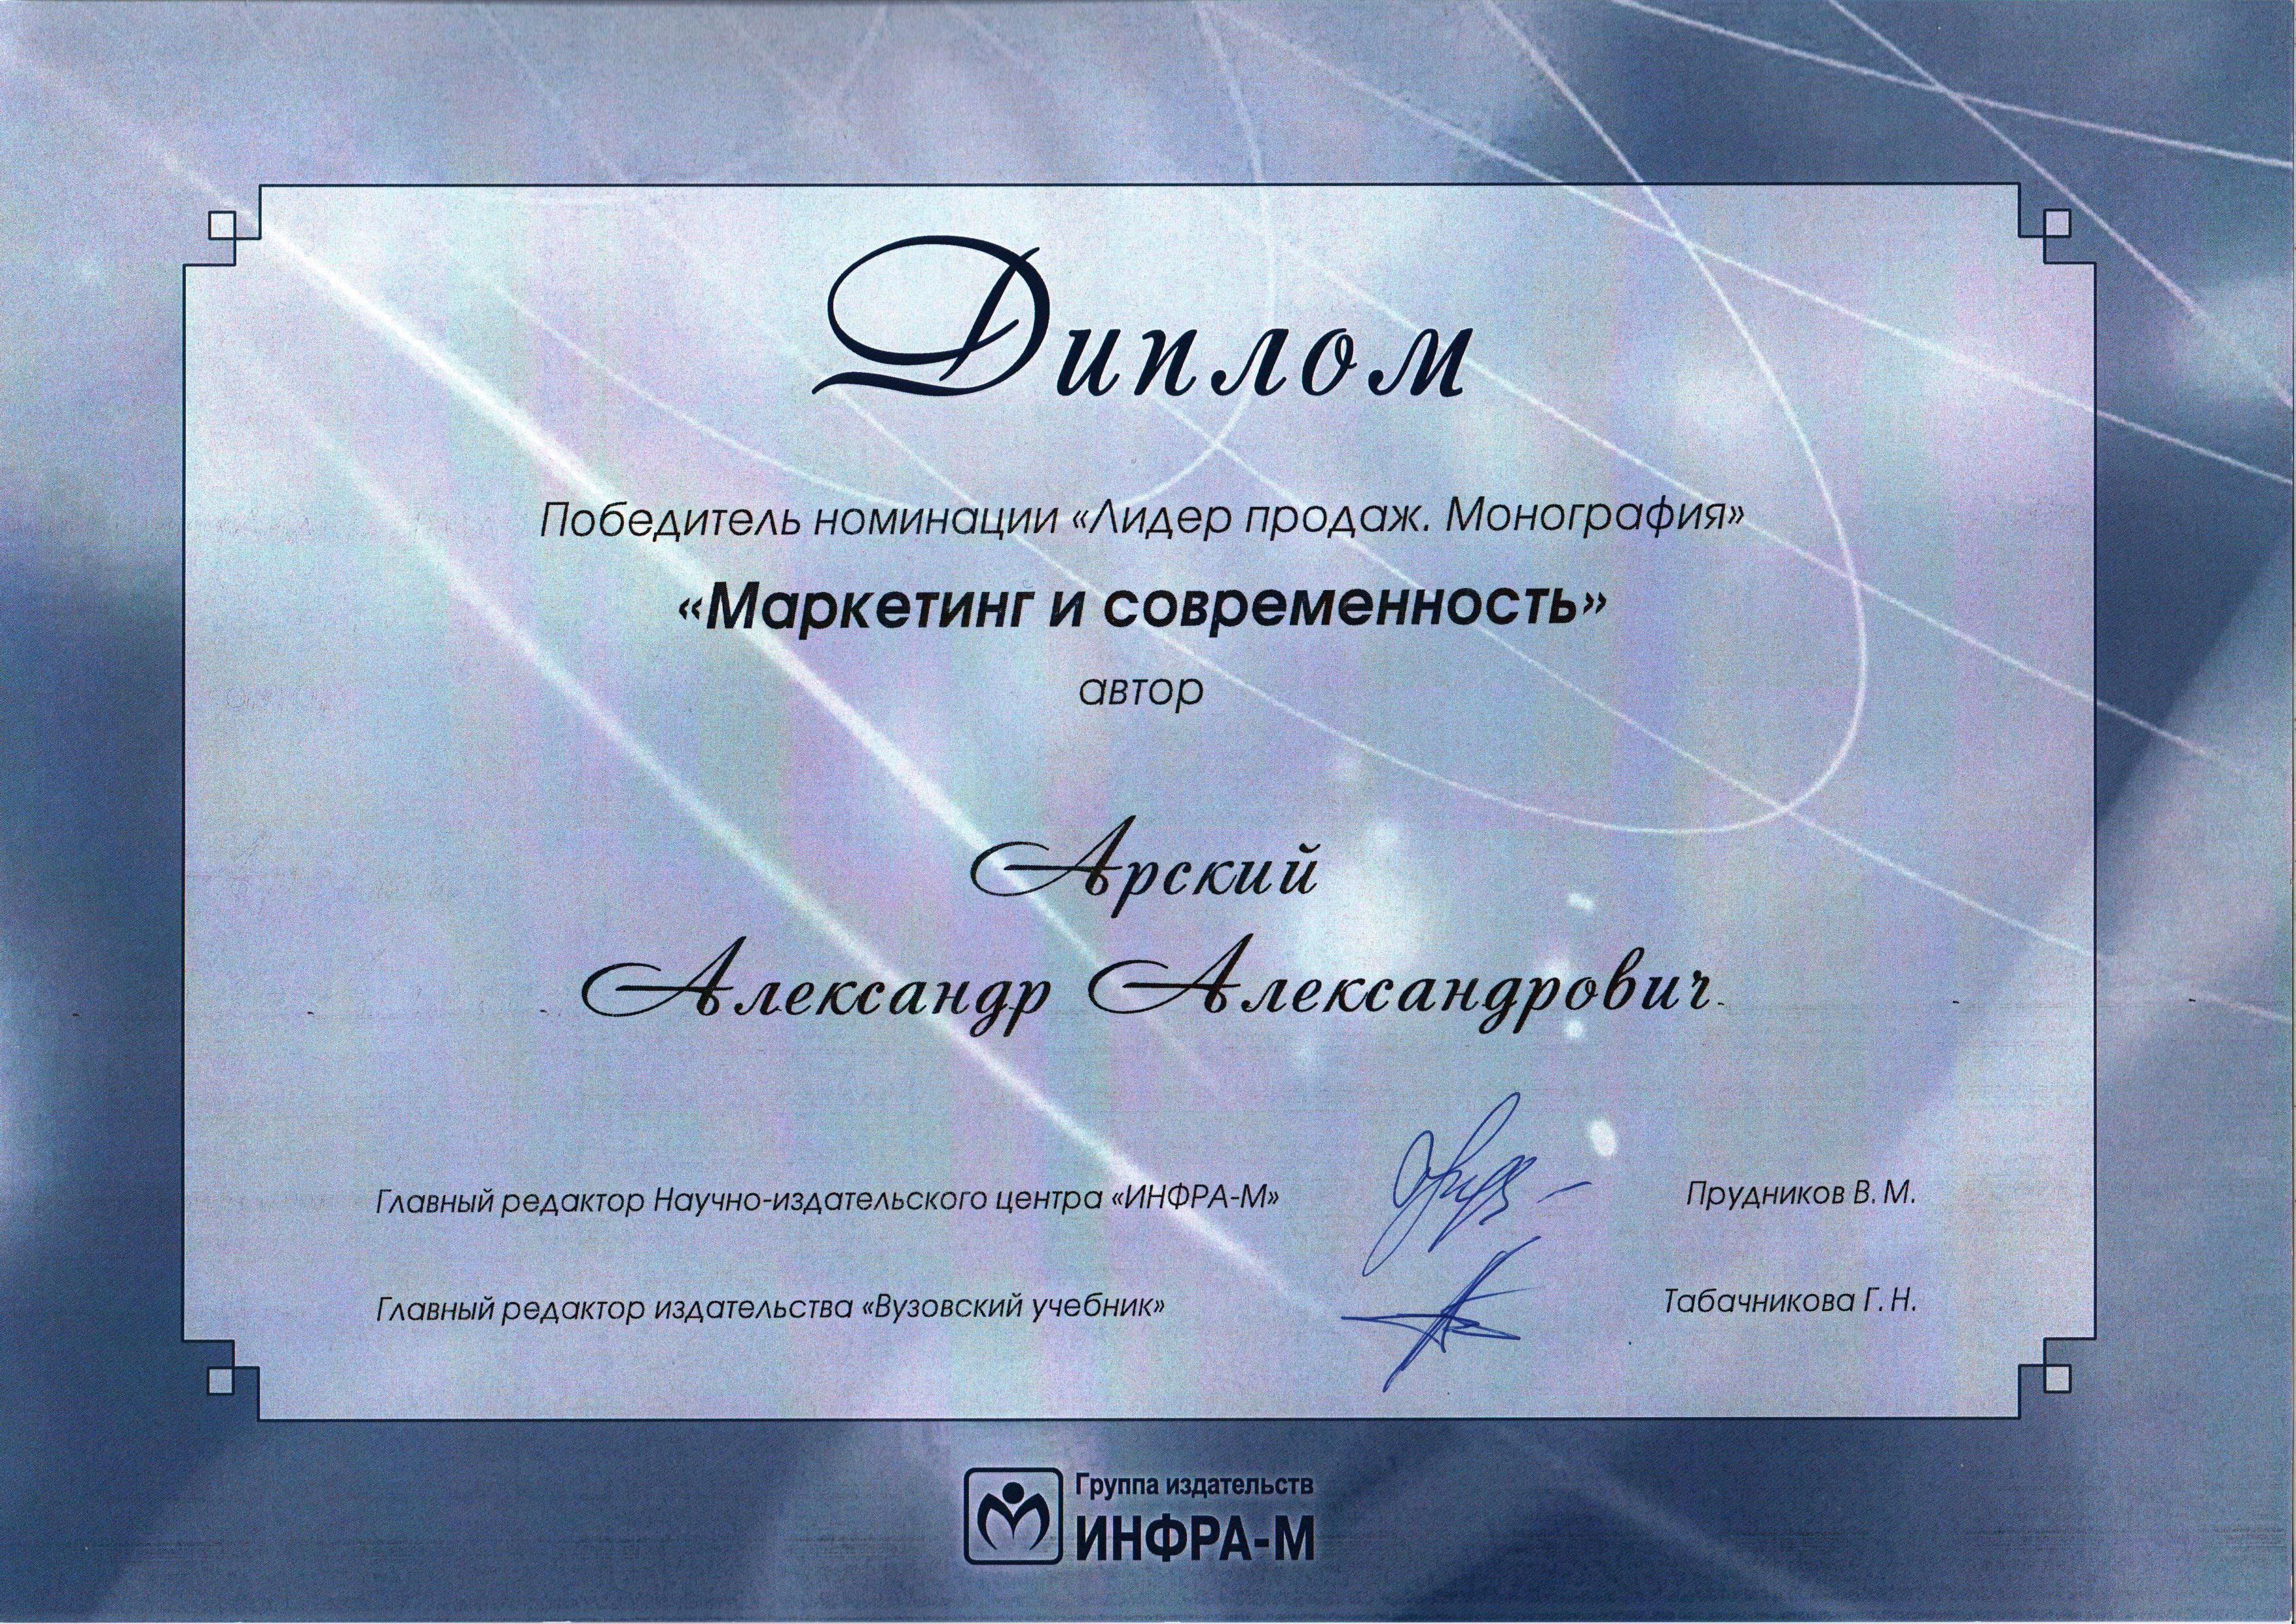 Арский АА Вузовский за монографию